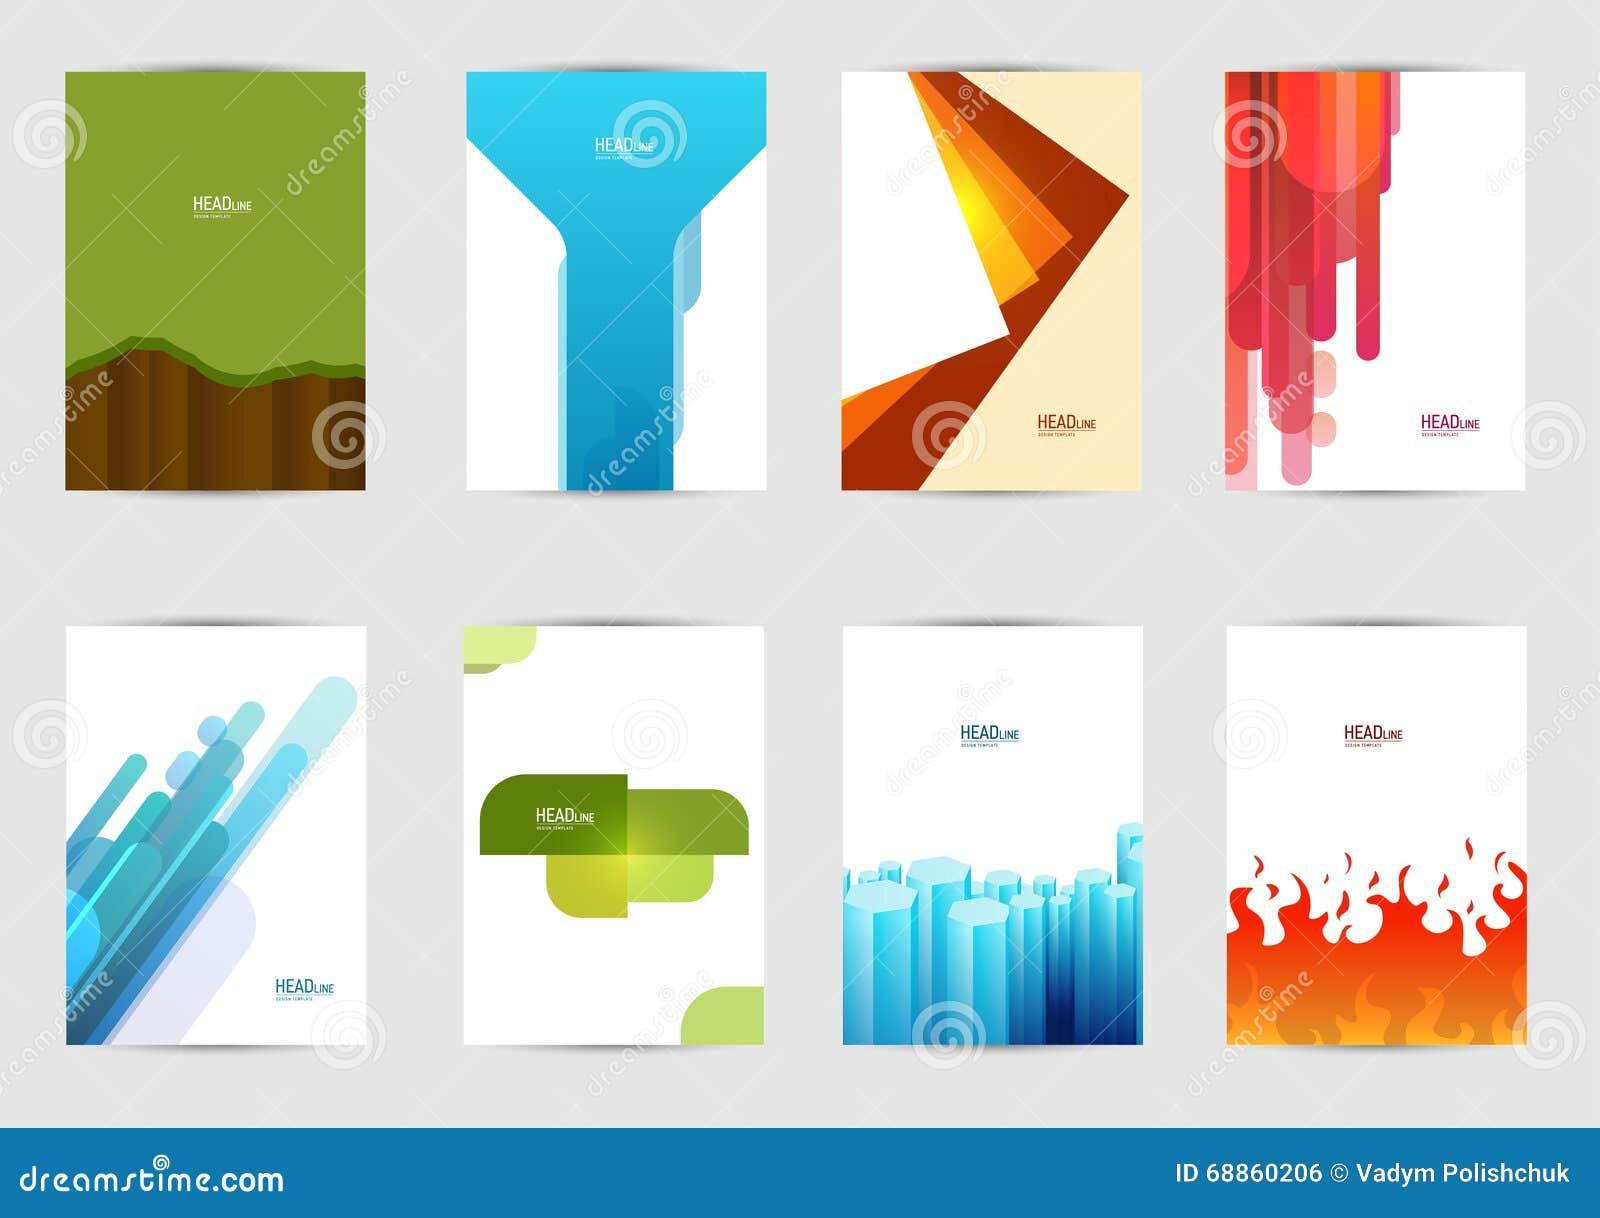 Asombroso A4 Plantillas Festooning - Ejemplo De Currículum Comercial ...